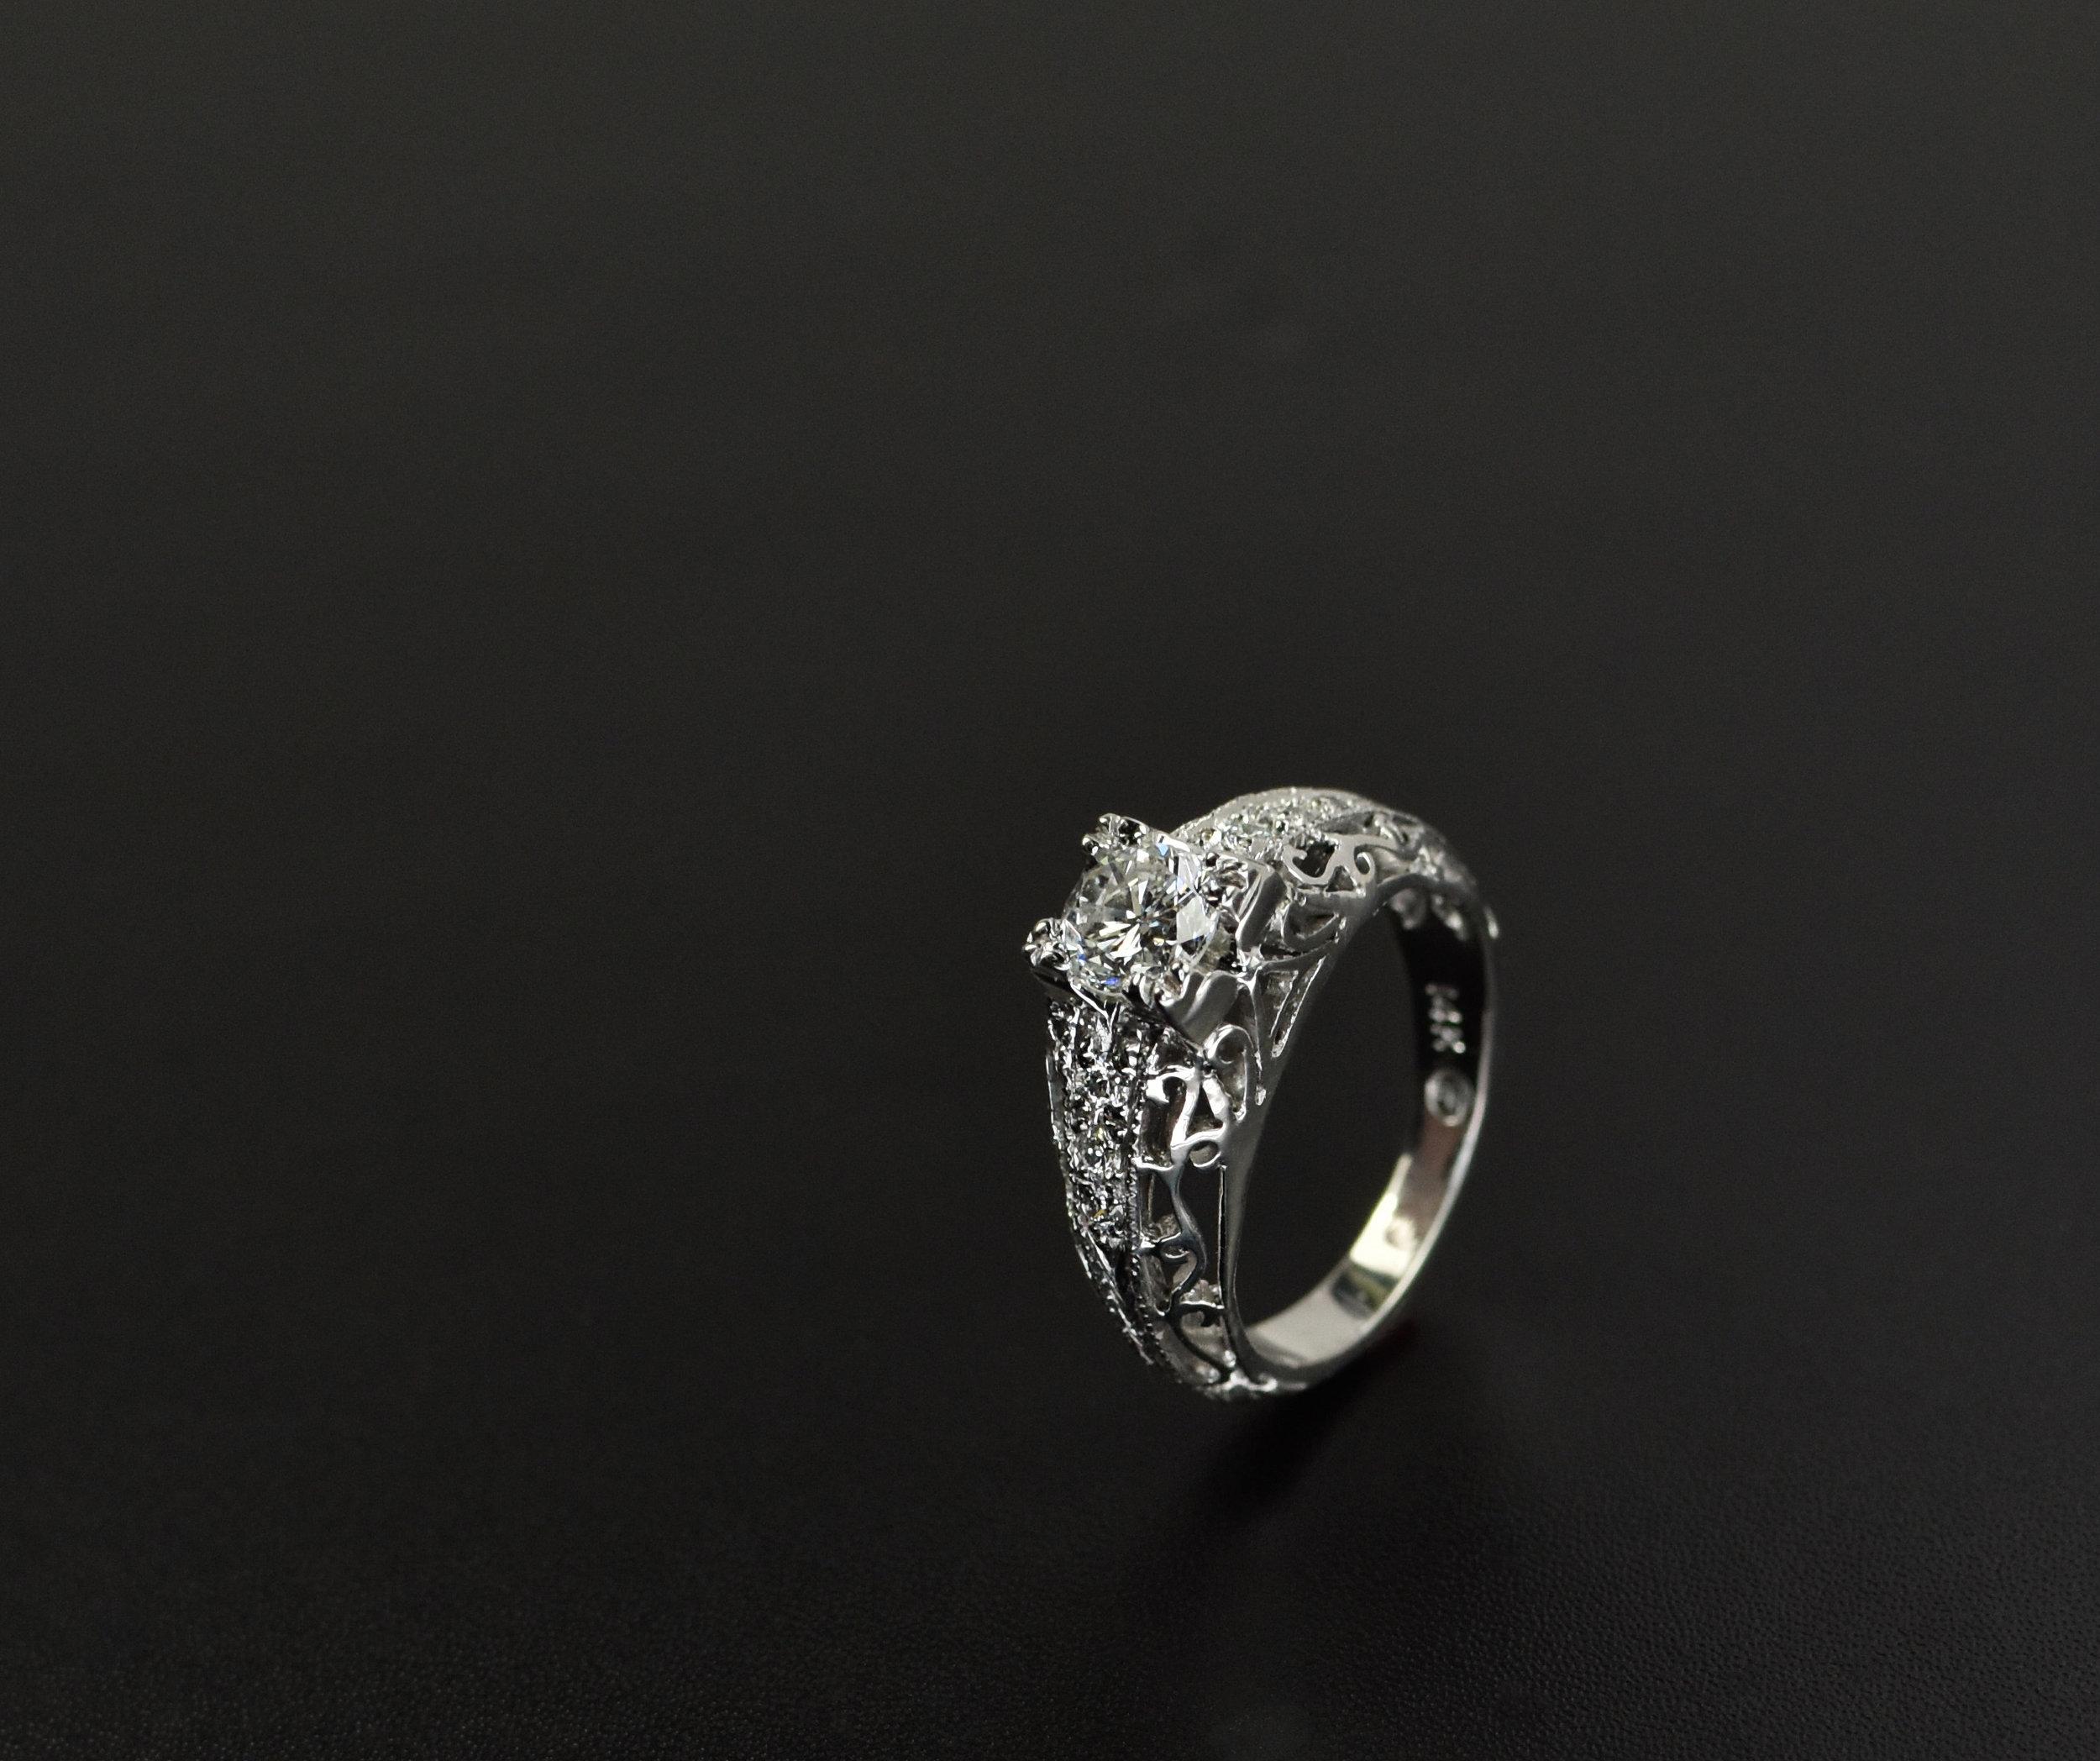 Edwardian Engagement Ring with Custom Filigree